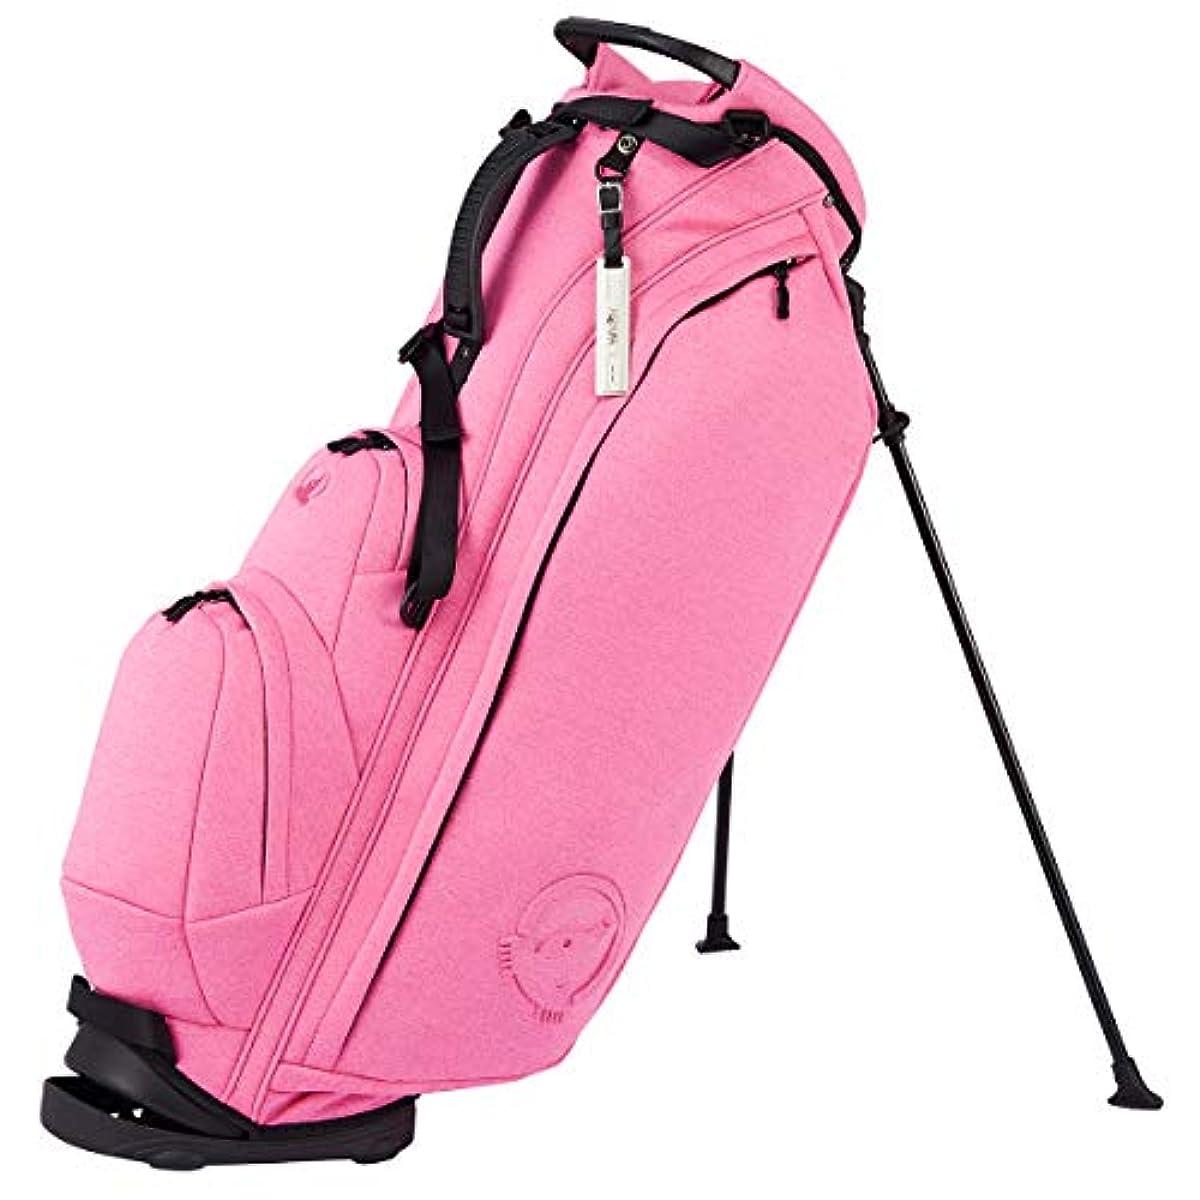 [해외] 혼마 골프 캐데이백 HONMA CB6930 레이디스 핑크 9.5